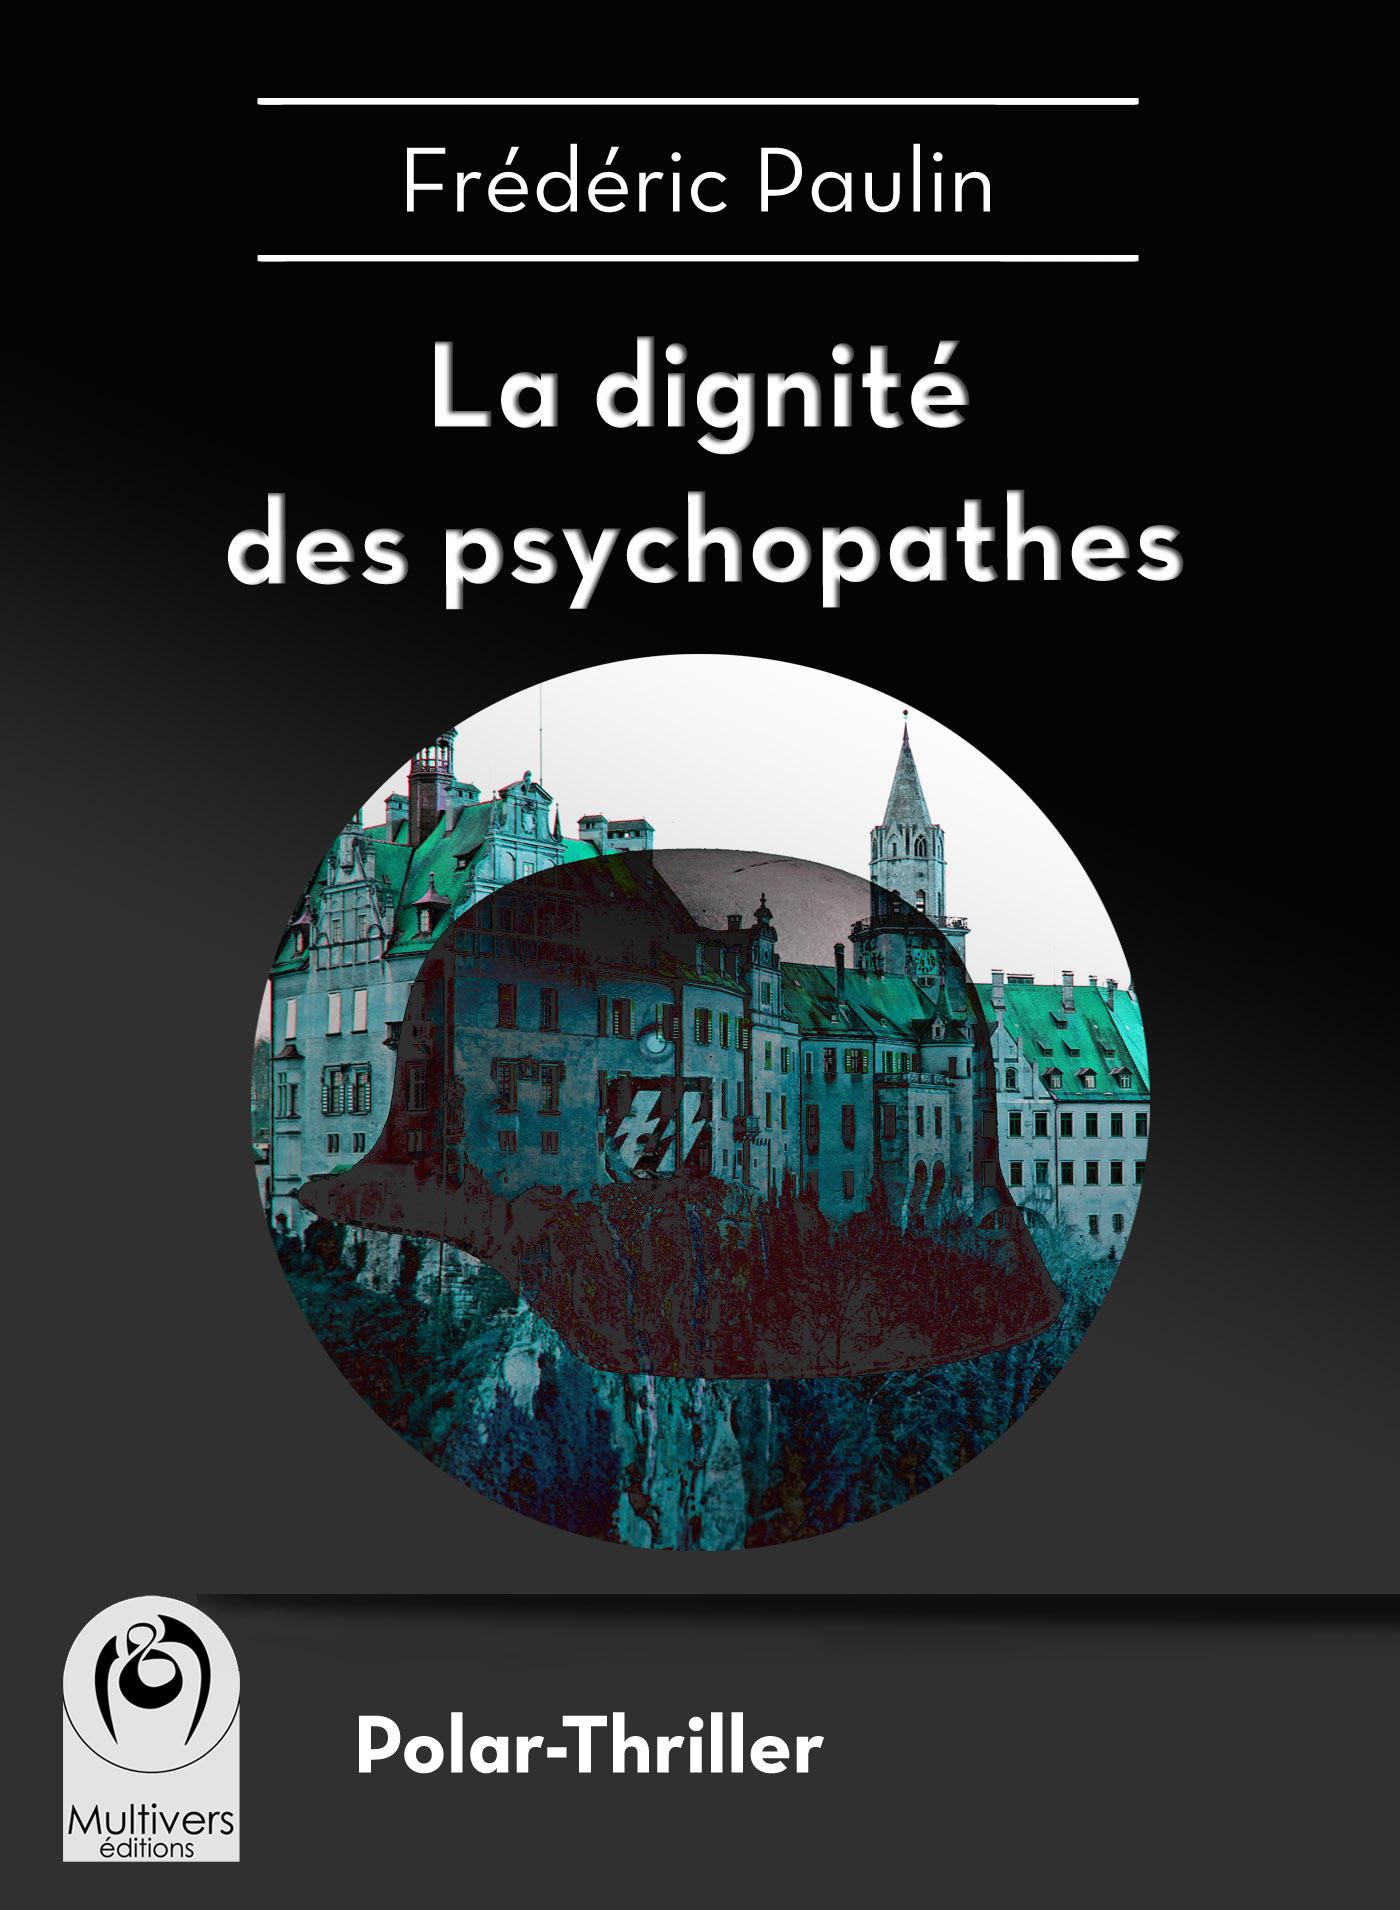 La dignité des psychopathes